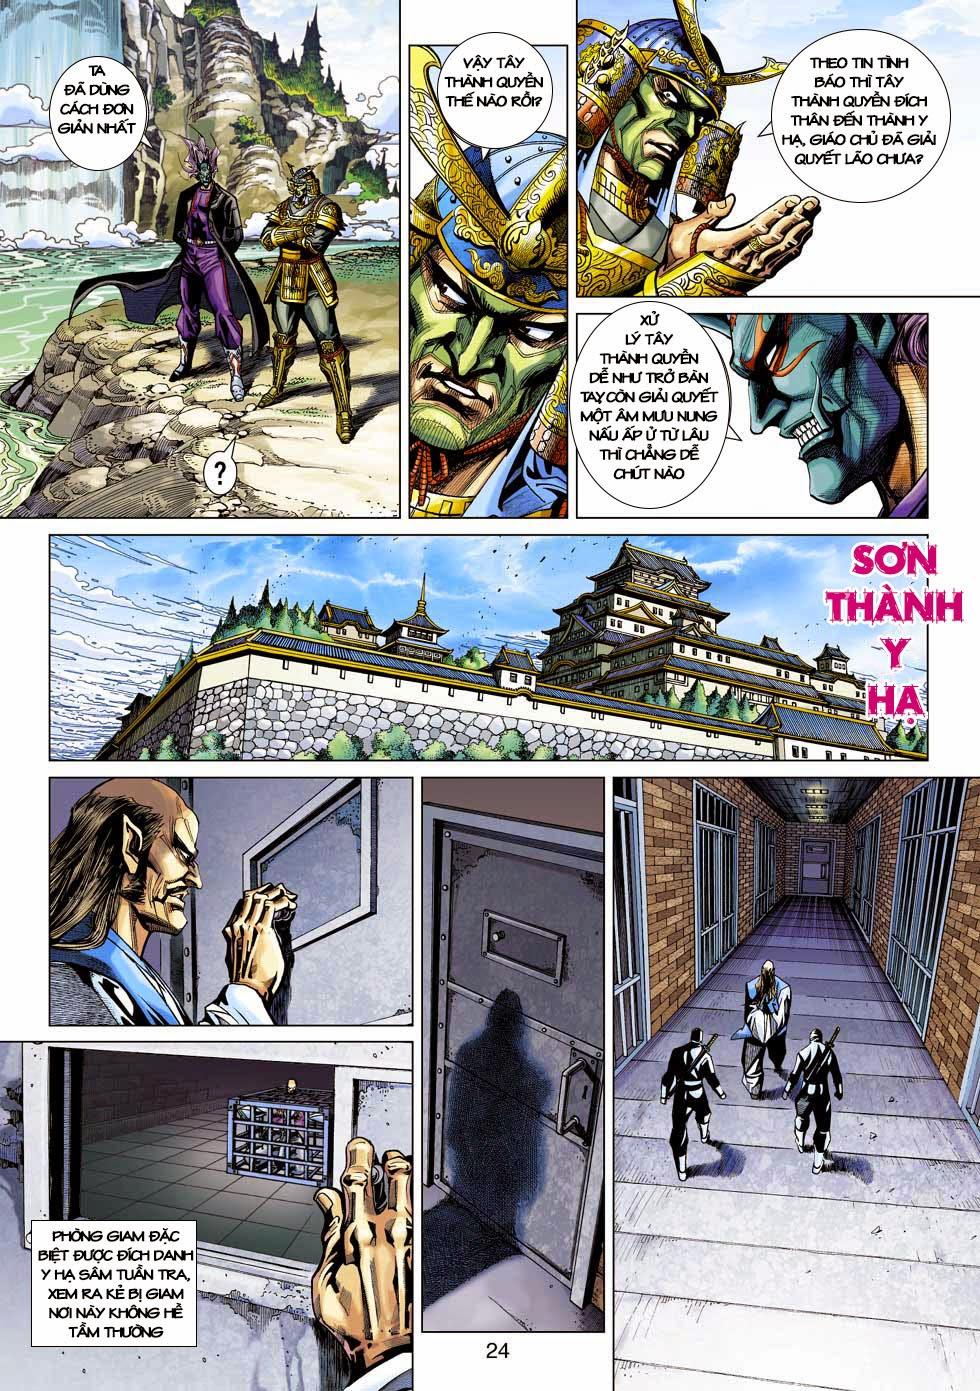 Tân Tác Long Hổ Môn chap 397 - Trang 23